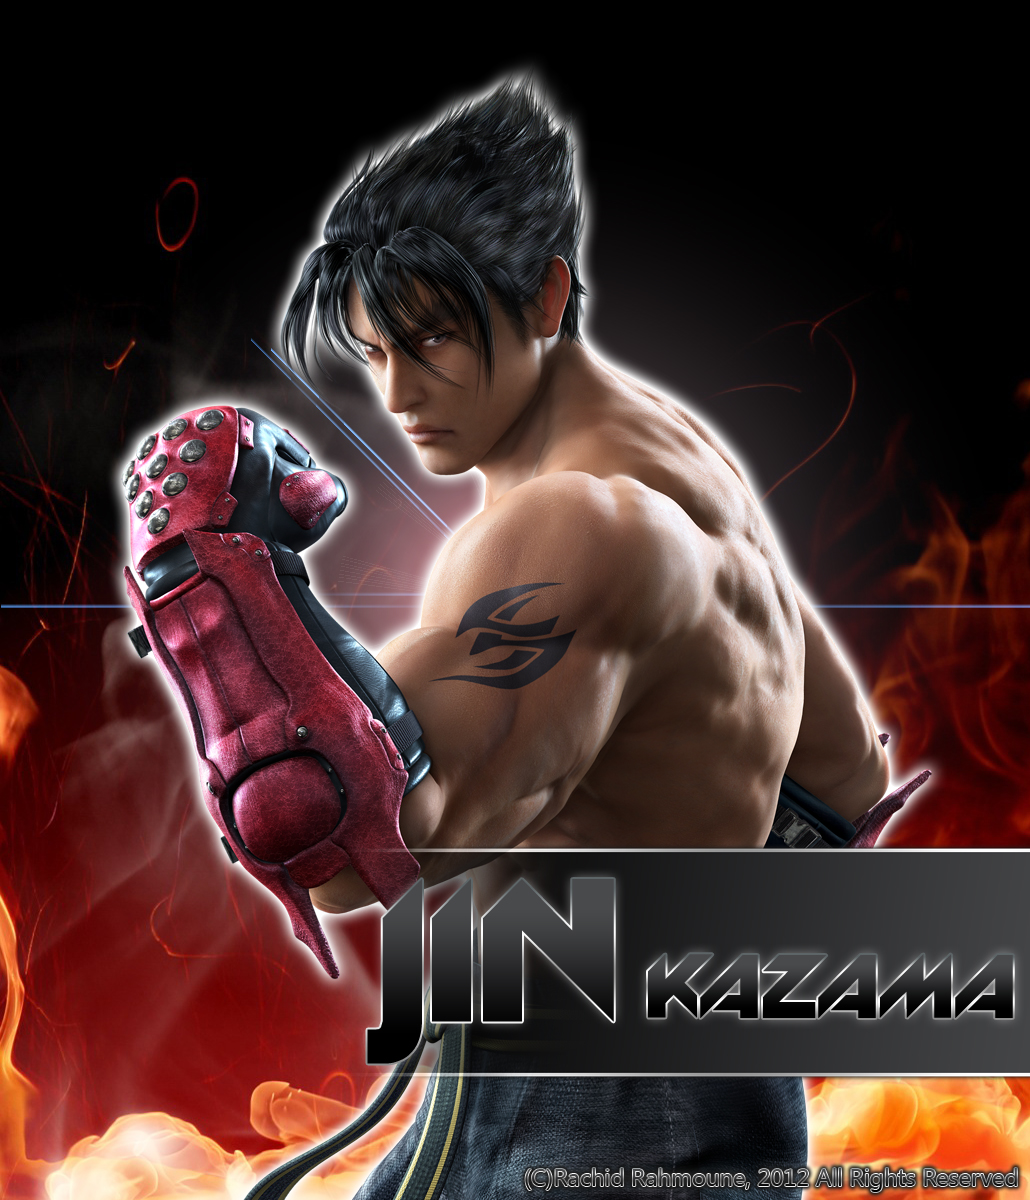 Jin Kazama (Tekken Tag Tournament 2) by jin-05 on DeviantArt